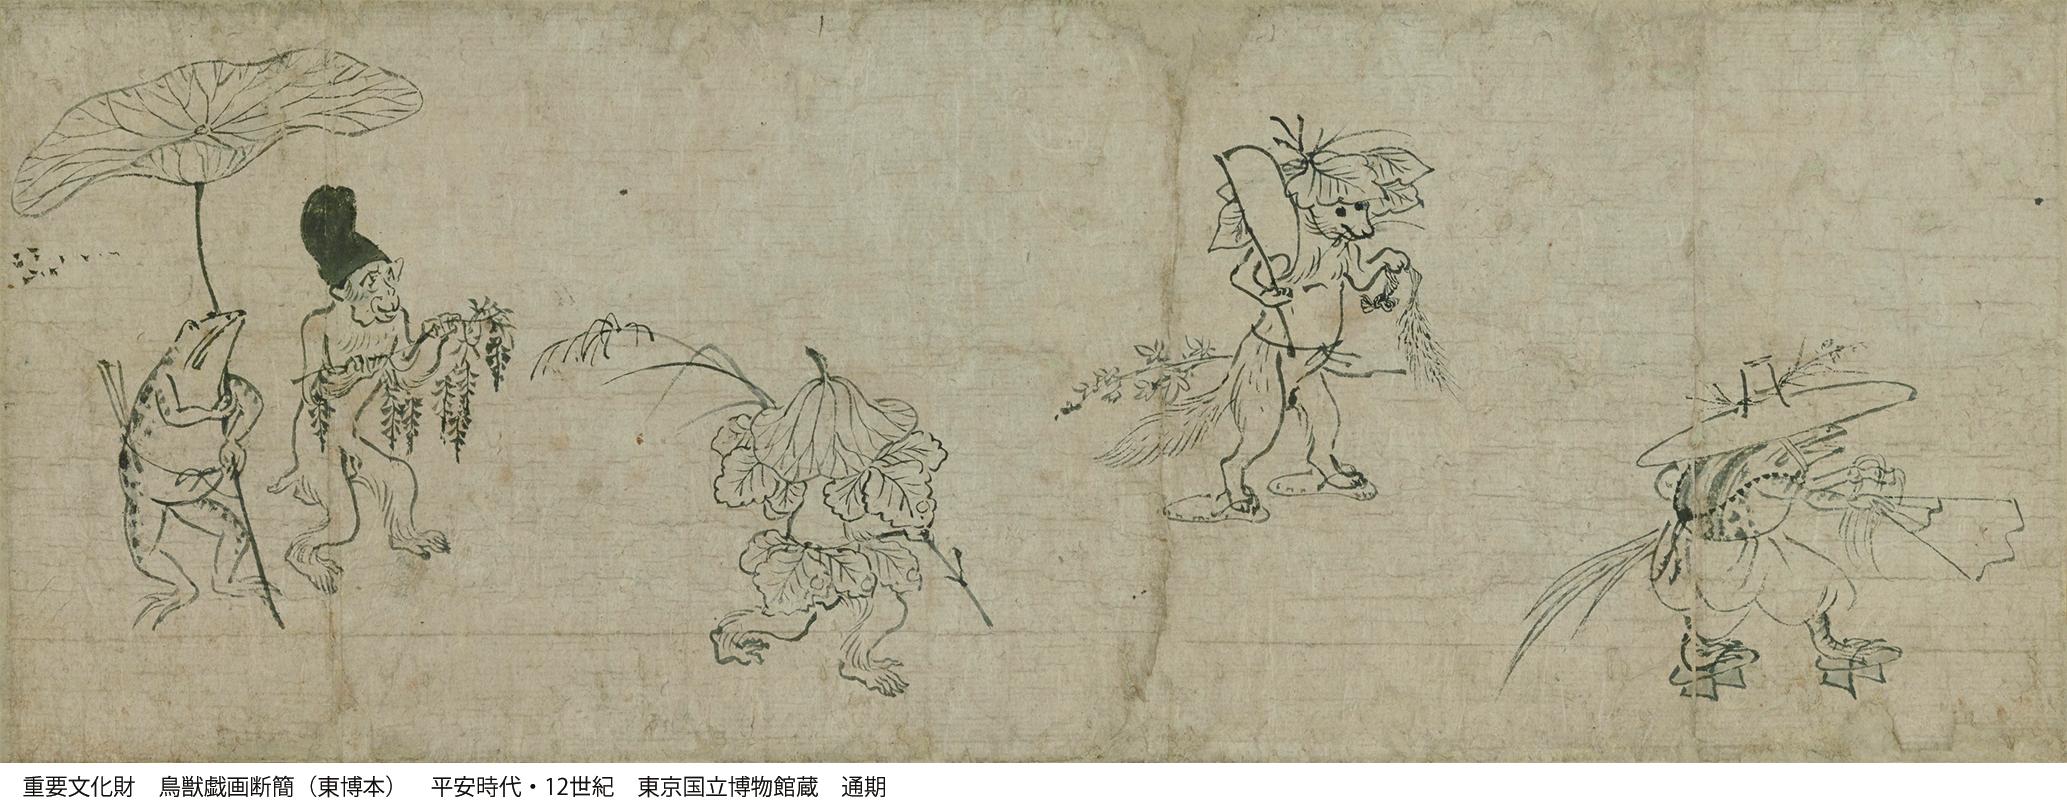 11 重要文化財 鳥獣戯画断簡 東博本 350dpi New Japaaan